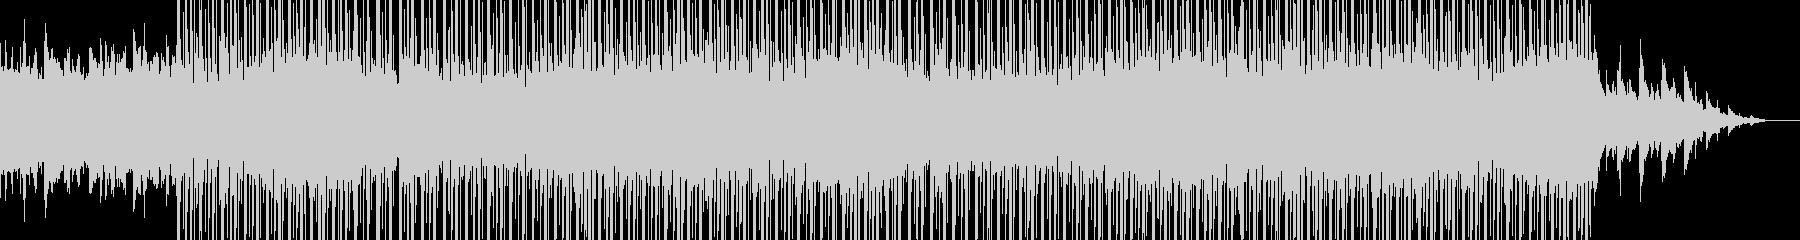 壮大なトラップビートの未再生の波形